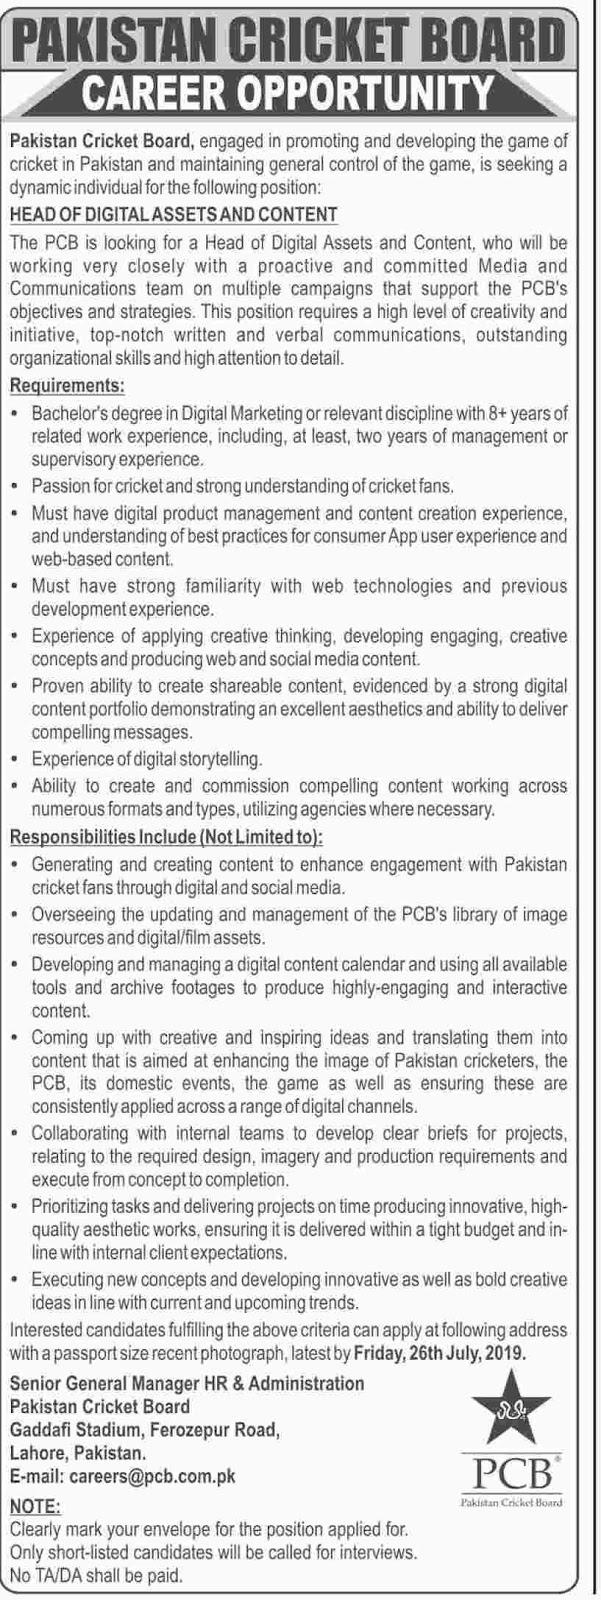 Vacancies In Pakistan Cricket Board, PCB